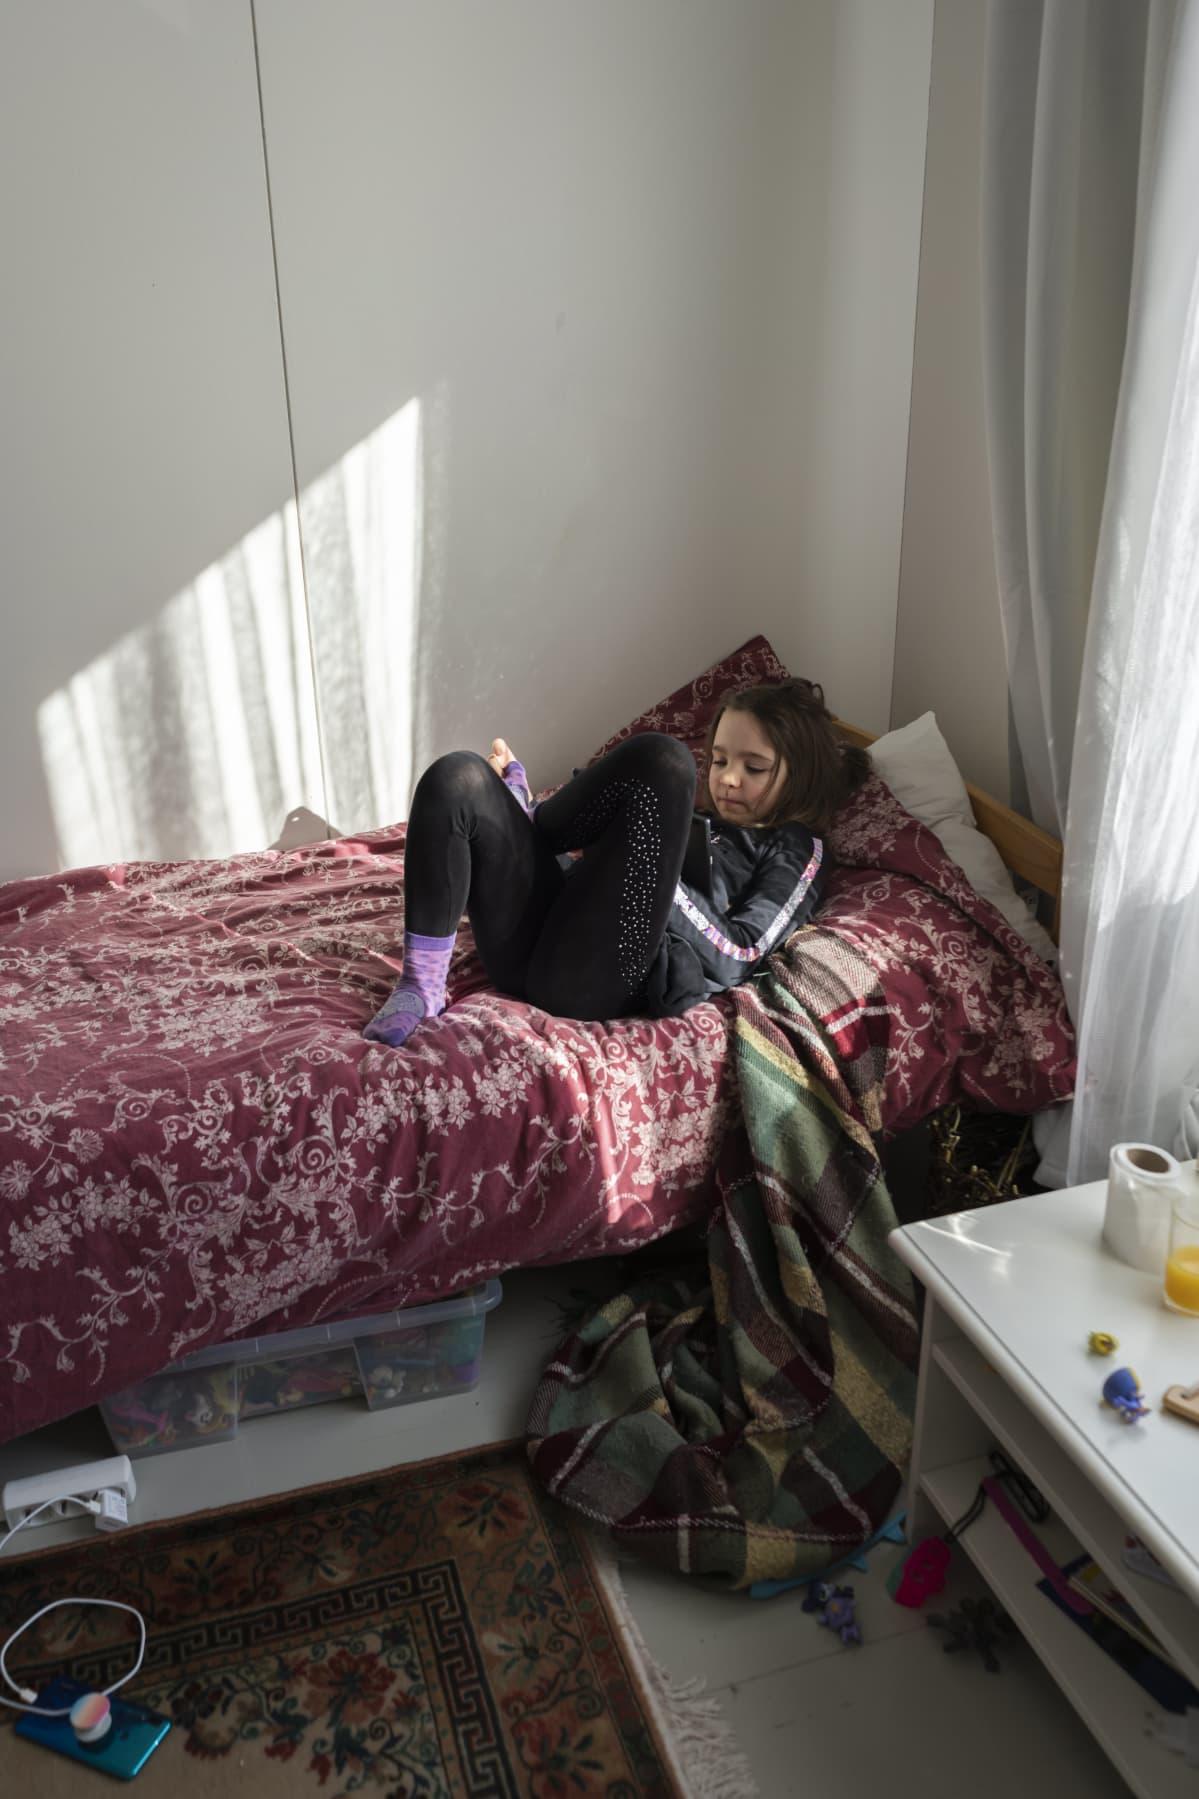 Tyttö makaa sängyllä ja käyttää taulutietokonetta. Aurinko paistaa ikkunasta huoneeseen.